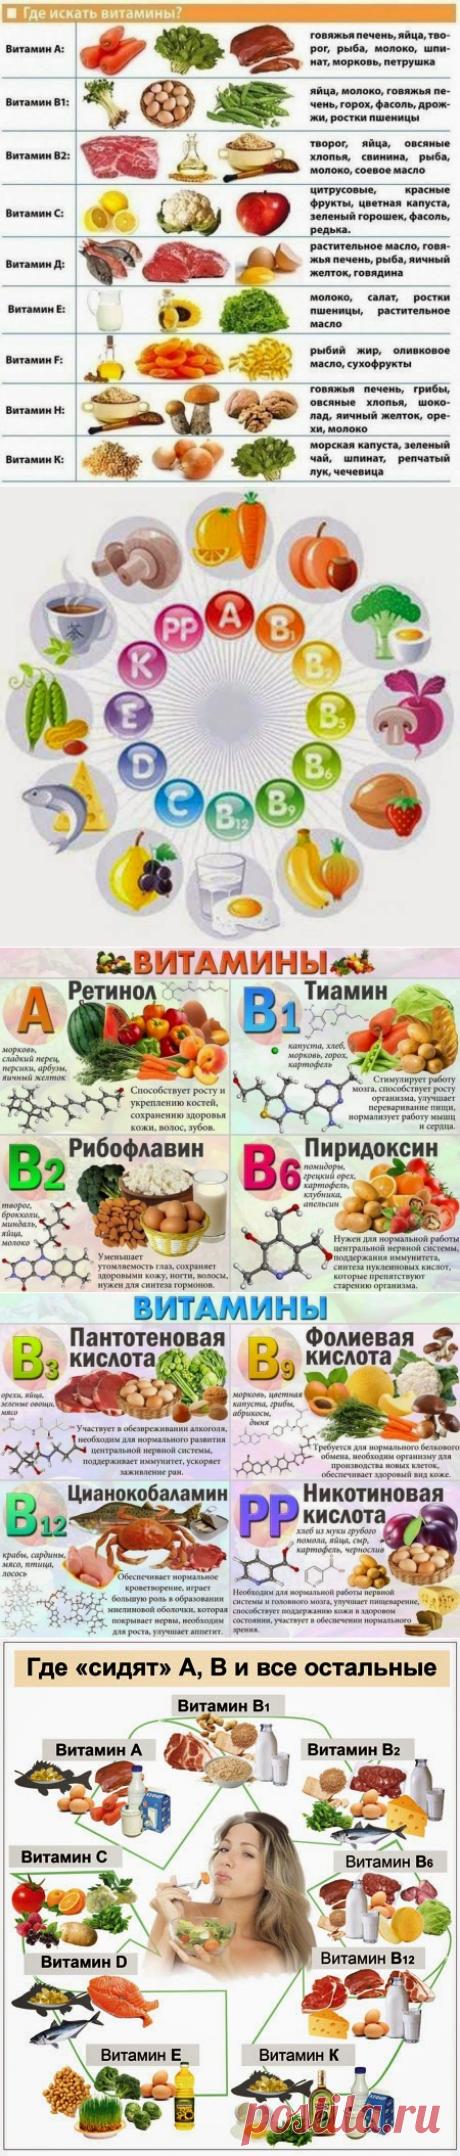 El papel de las vitaminas para el organismo de la persona